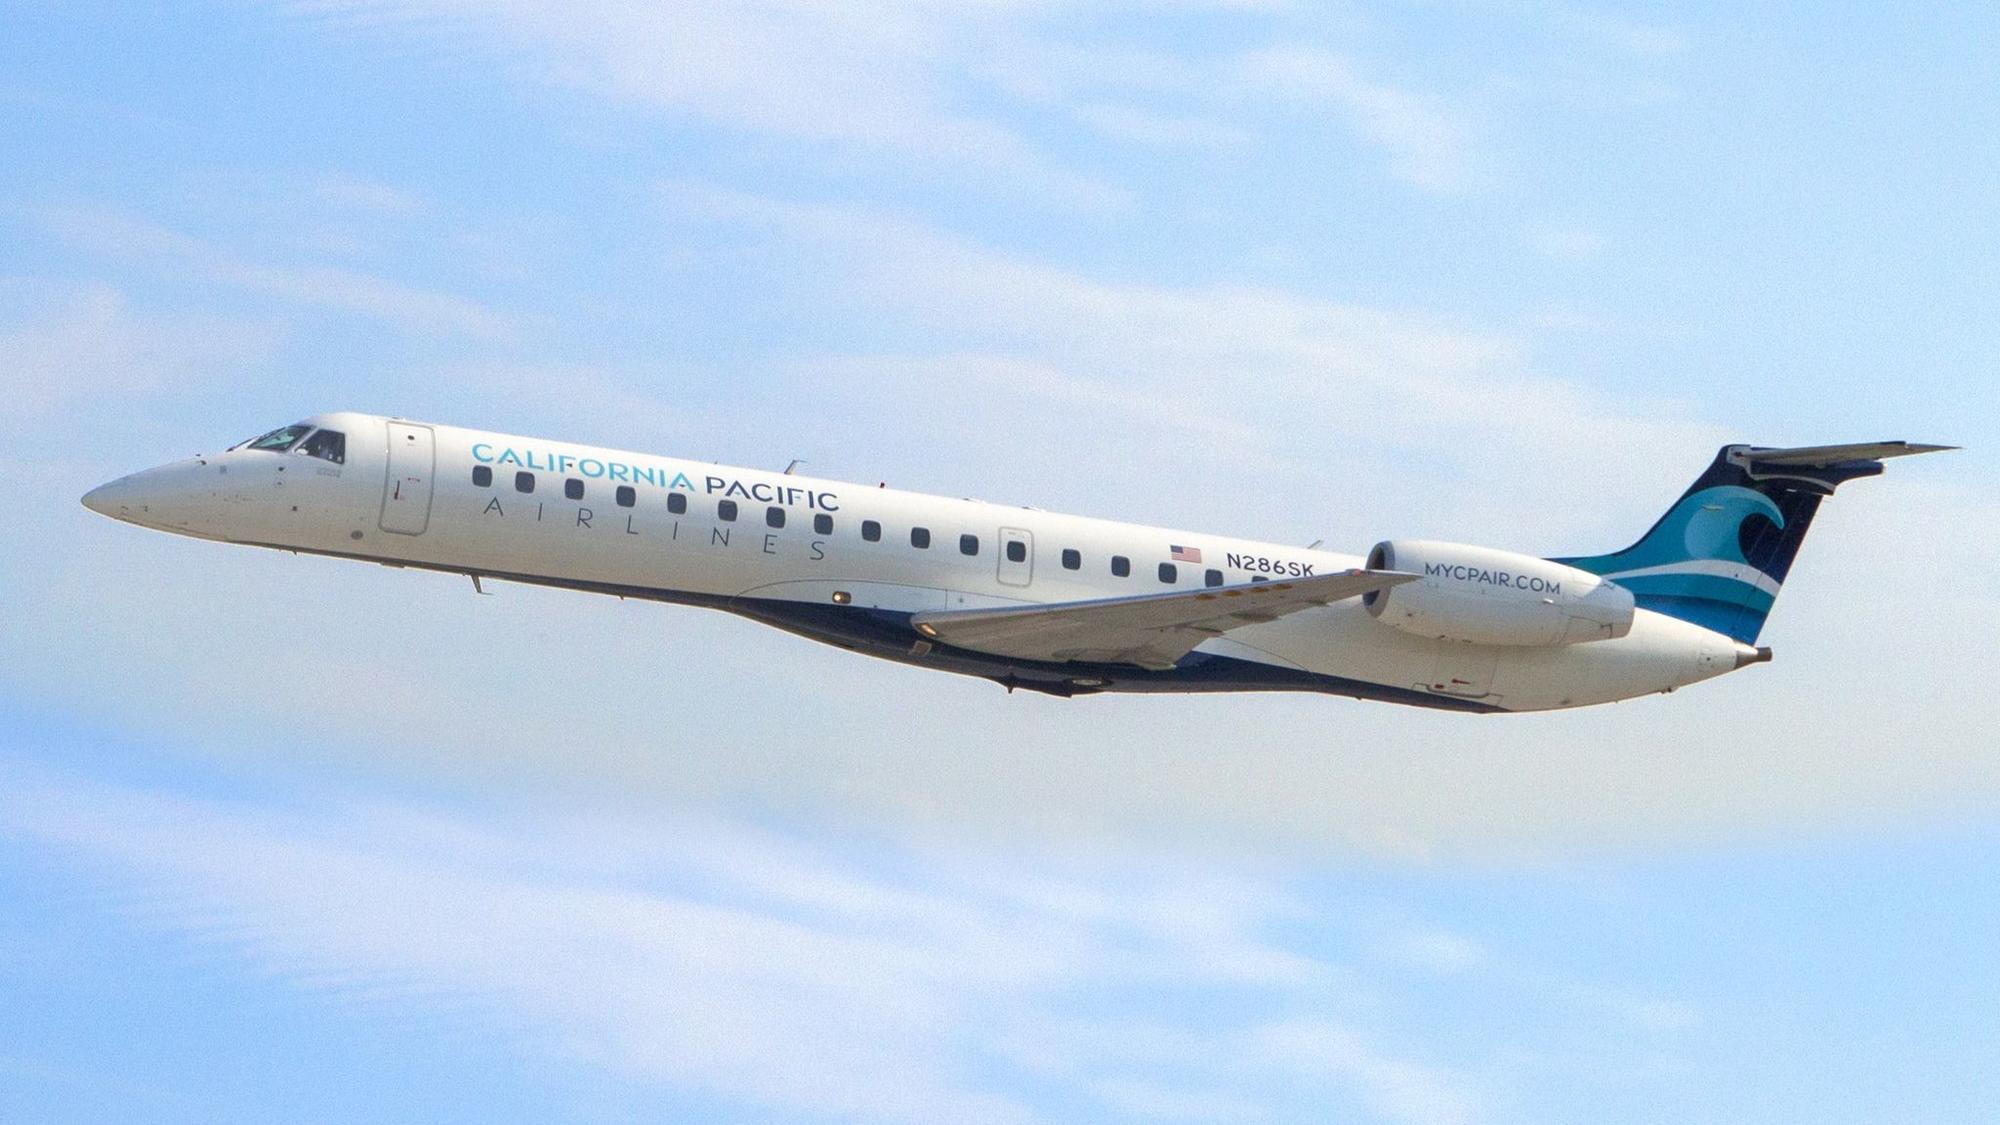 Resultado de imagen para California Pacific Airlines